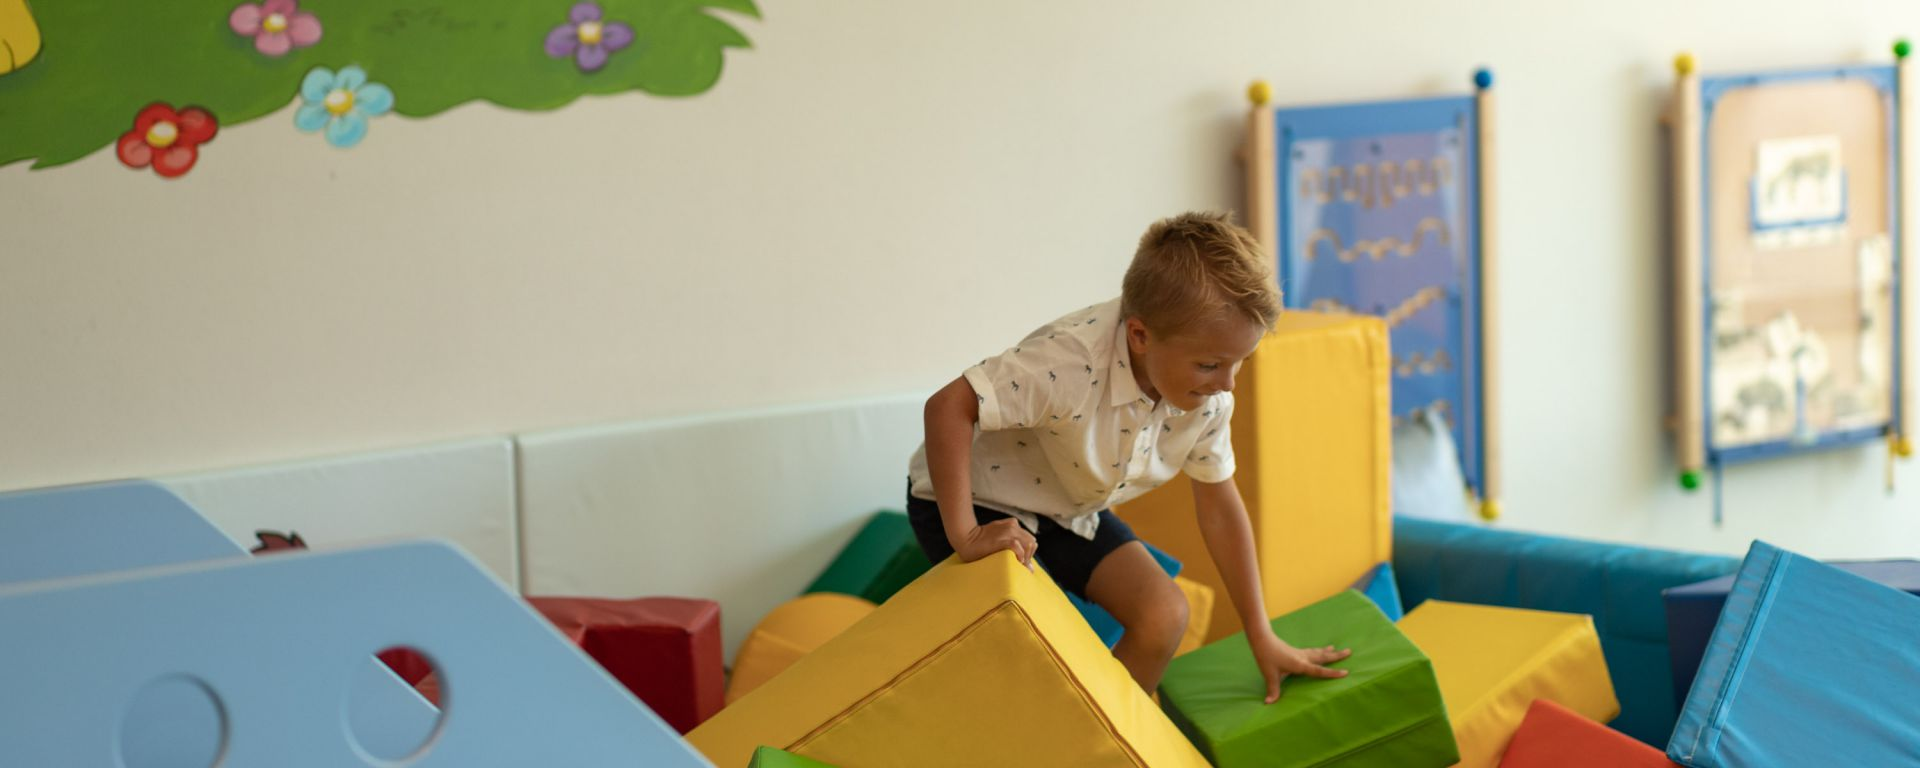 Quellenhof Sport und Familie-Farben-WEB-251-553.jpg